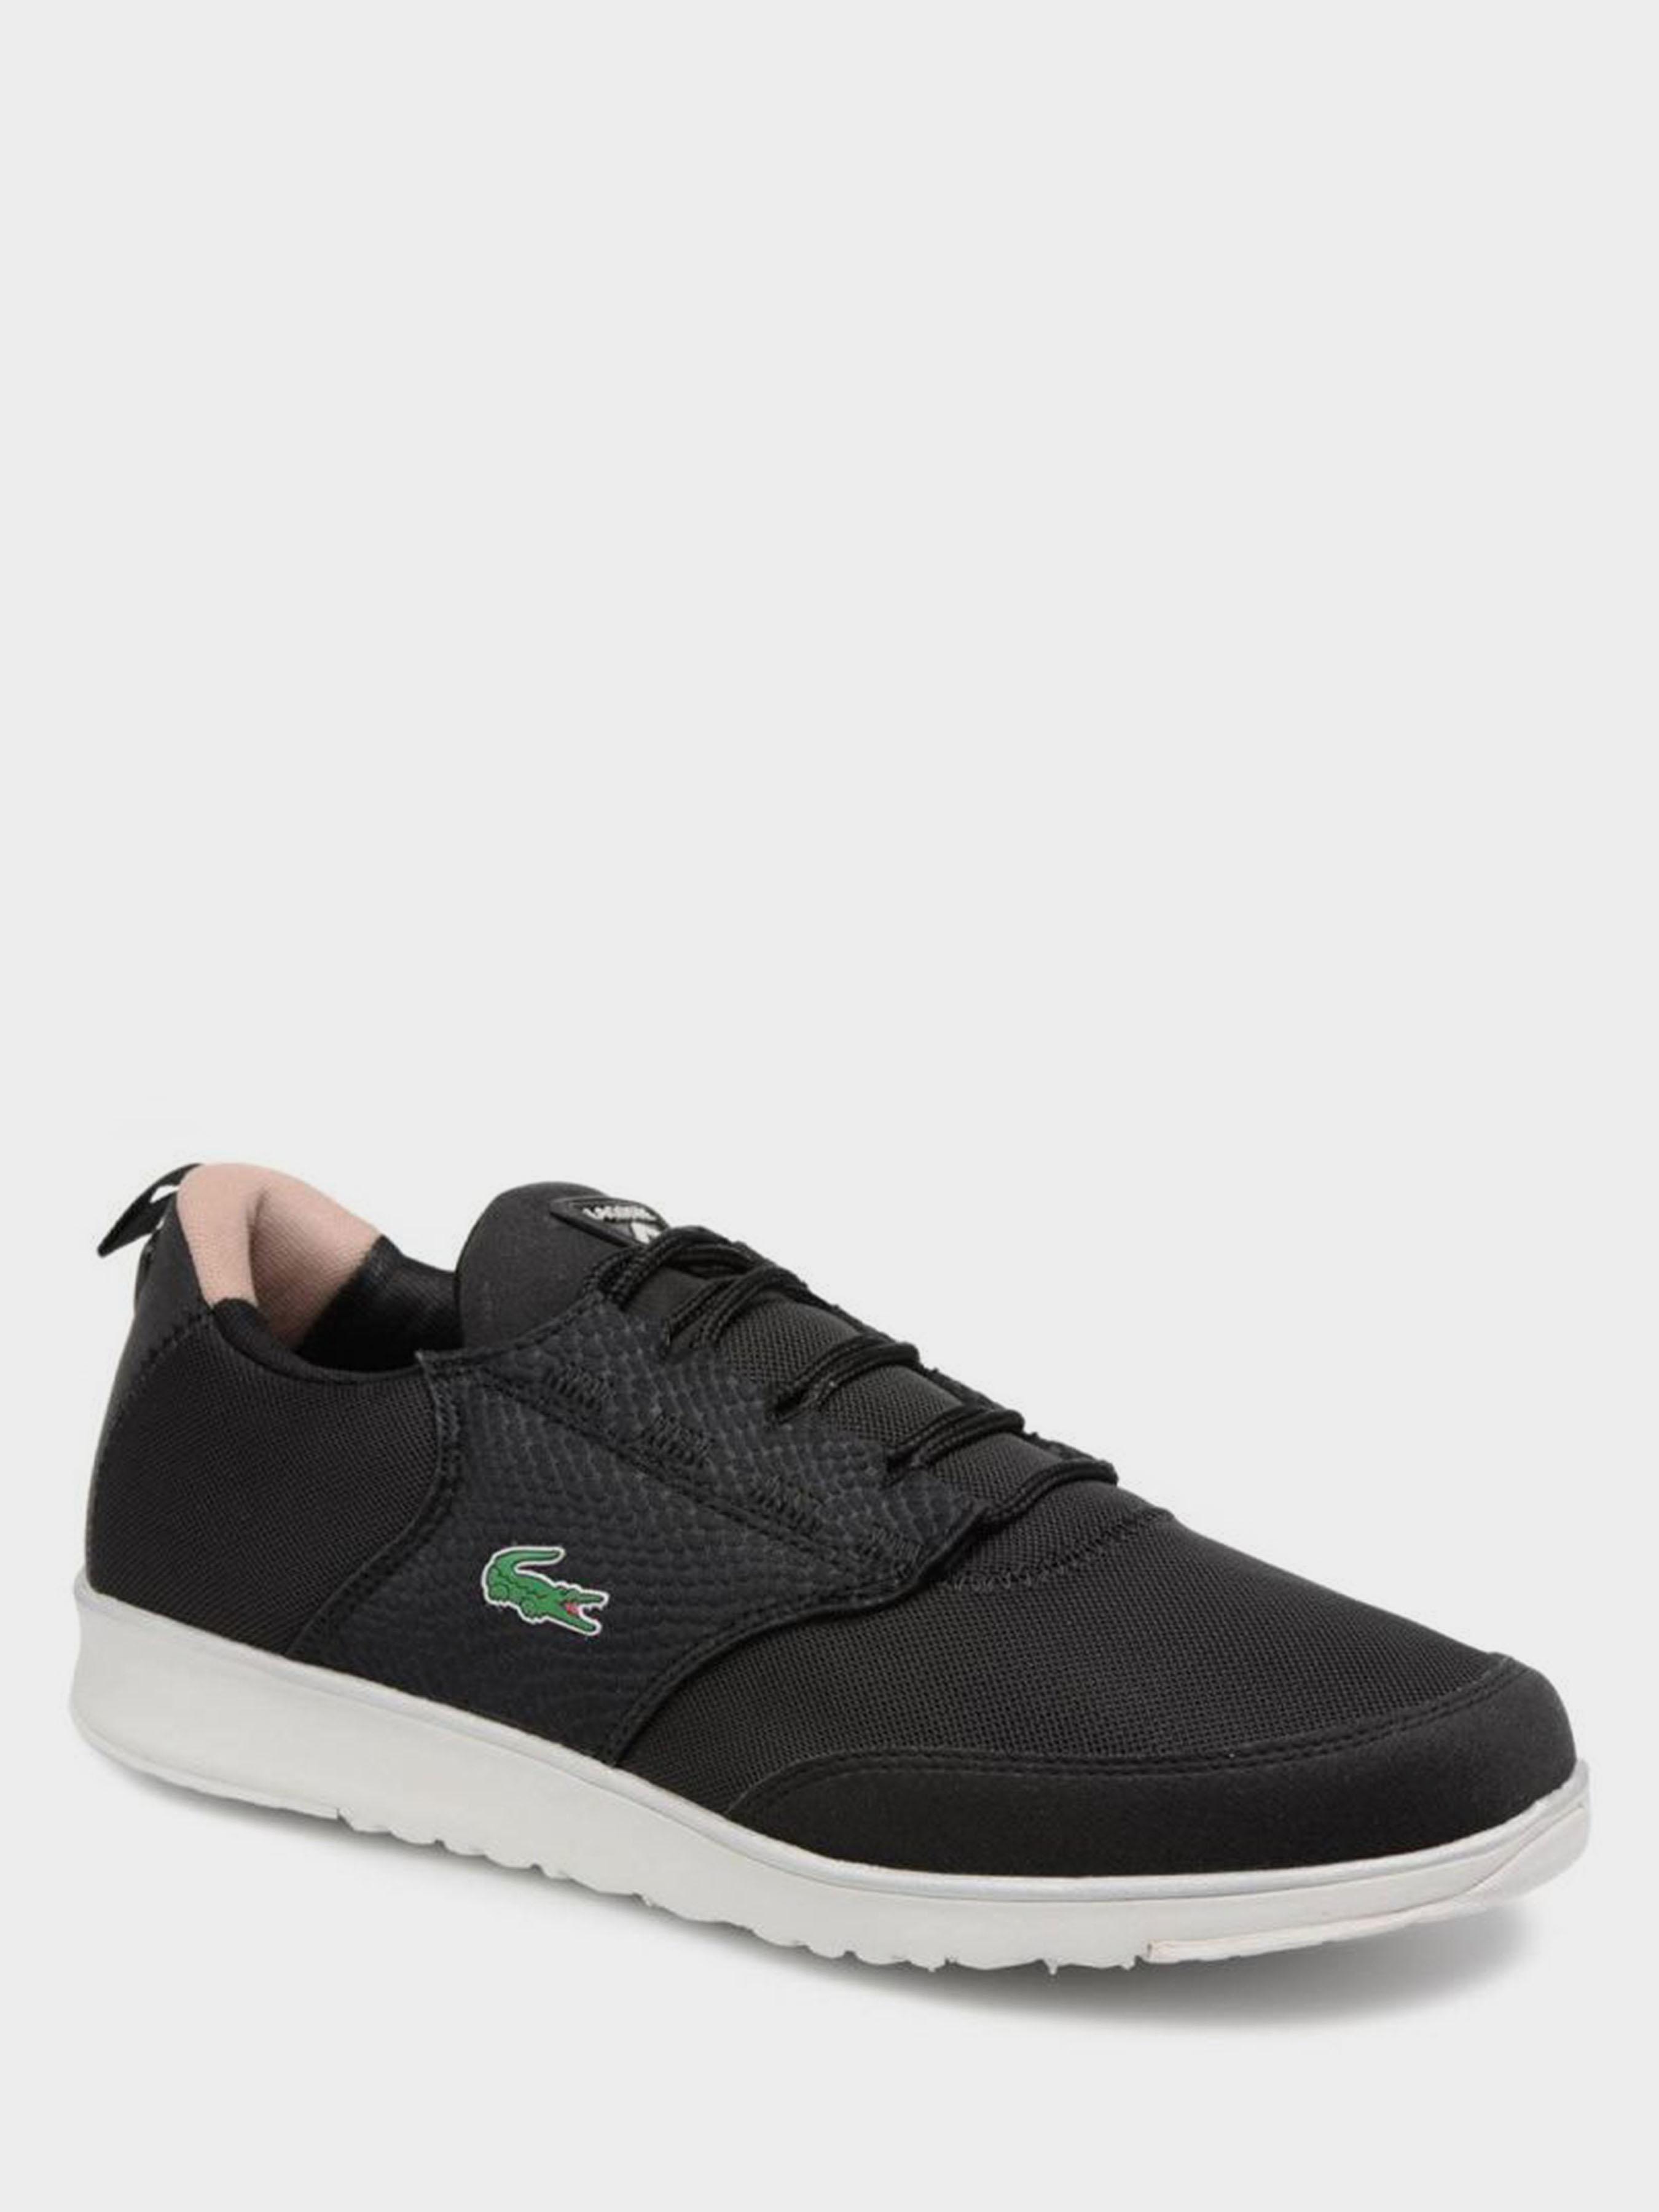 Кроссовки для мужчин Lacoste LK165 купить в Интертоп, 2017